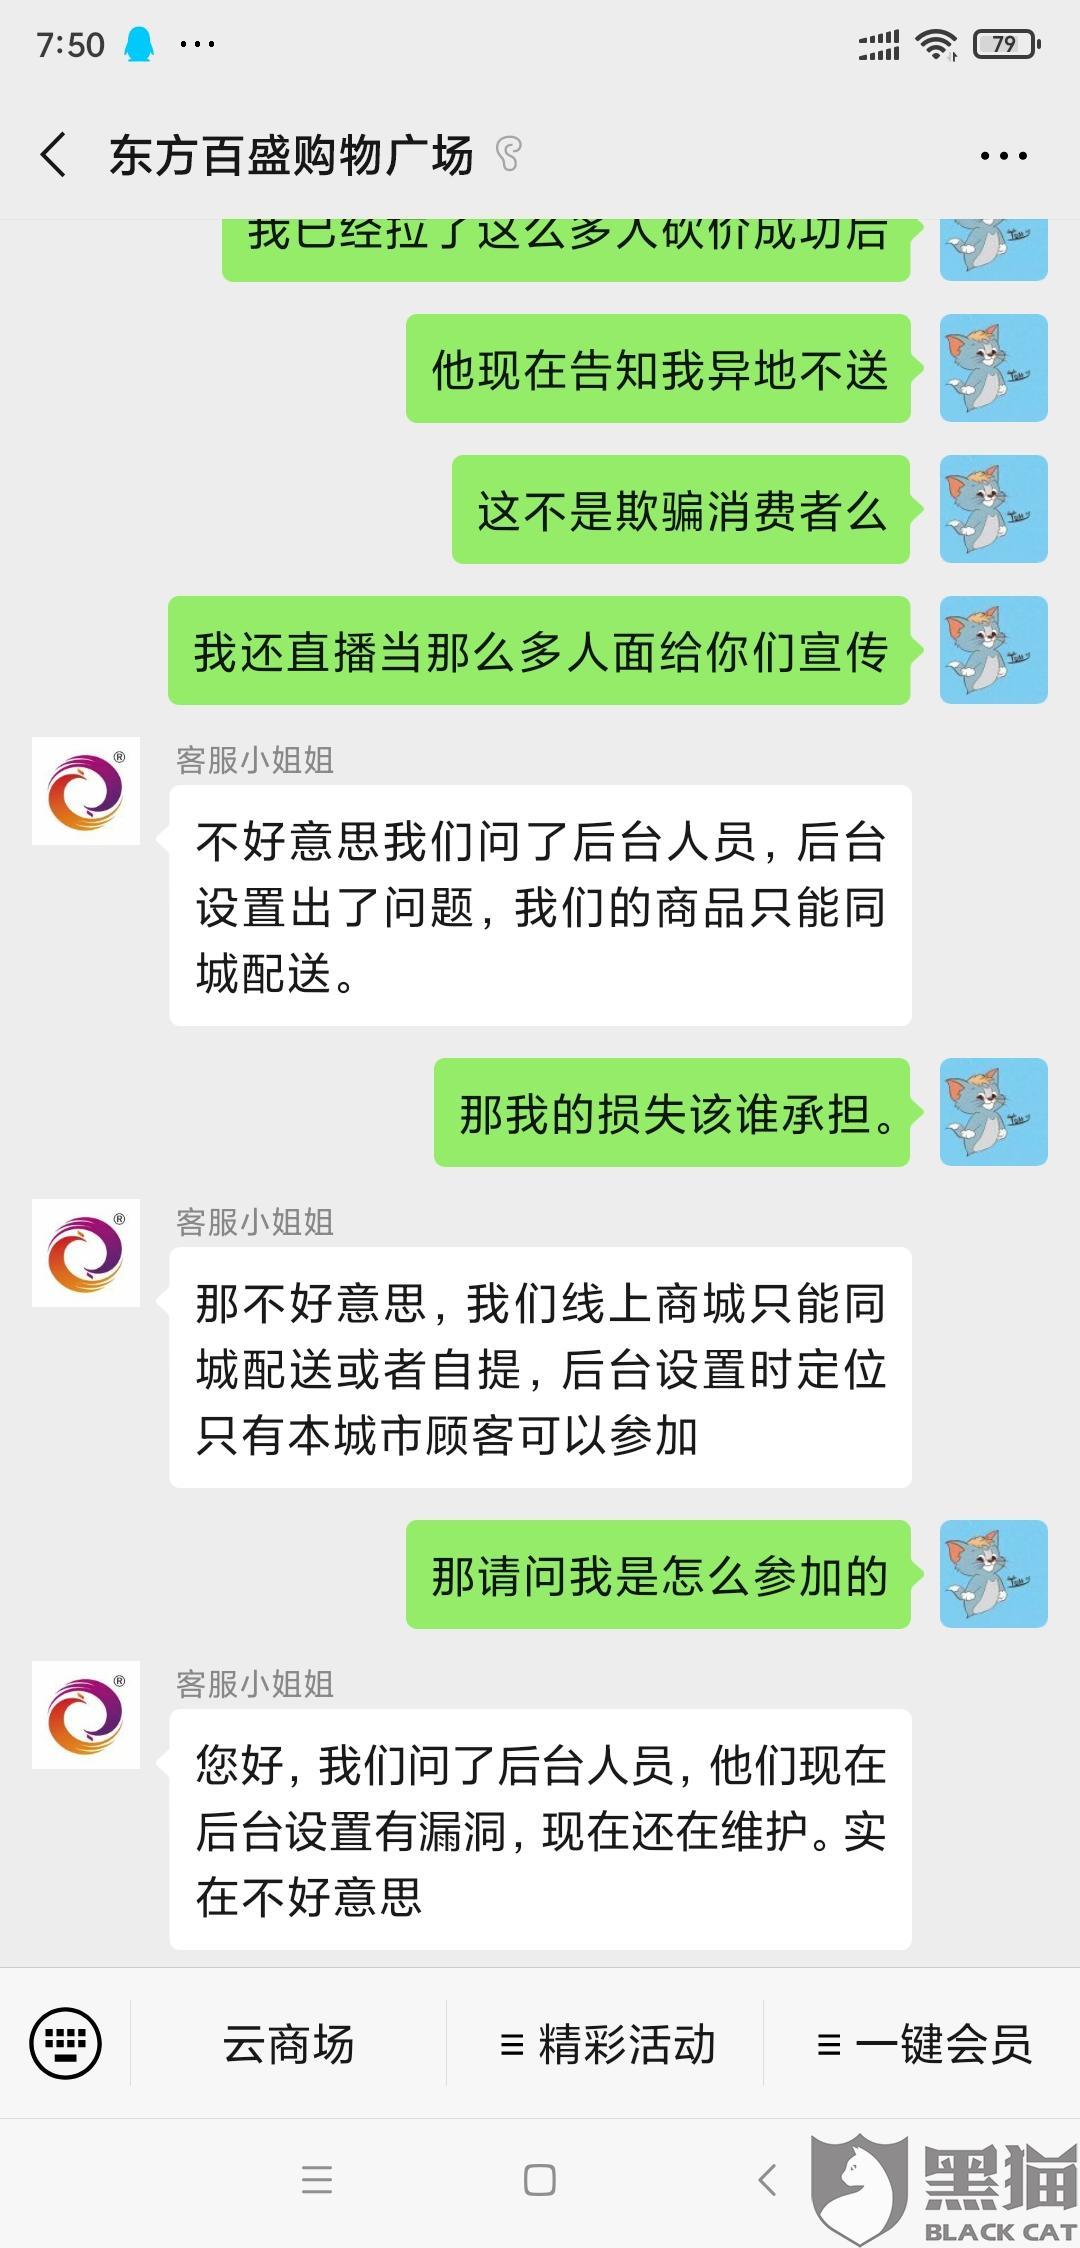 黑猫投诉:东方百盛广场砍价商品以地区限制为由拒绝发货